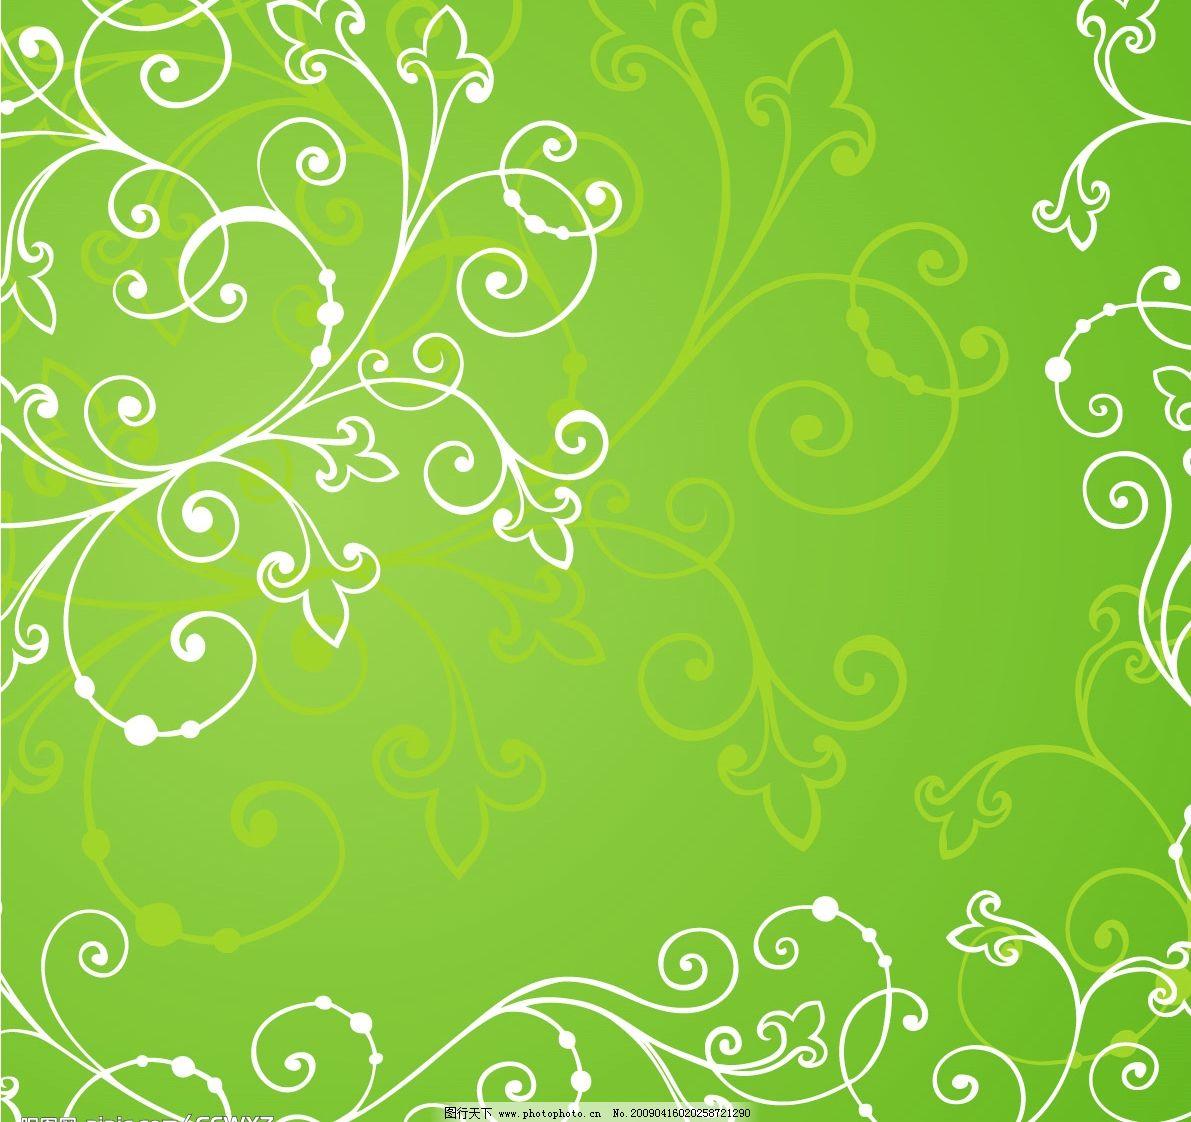 绿色花纹线条背景图片